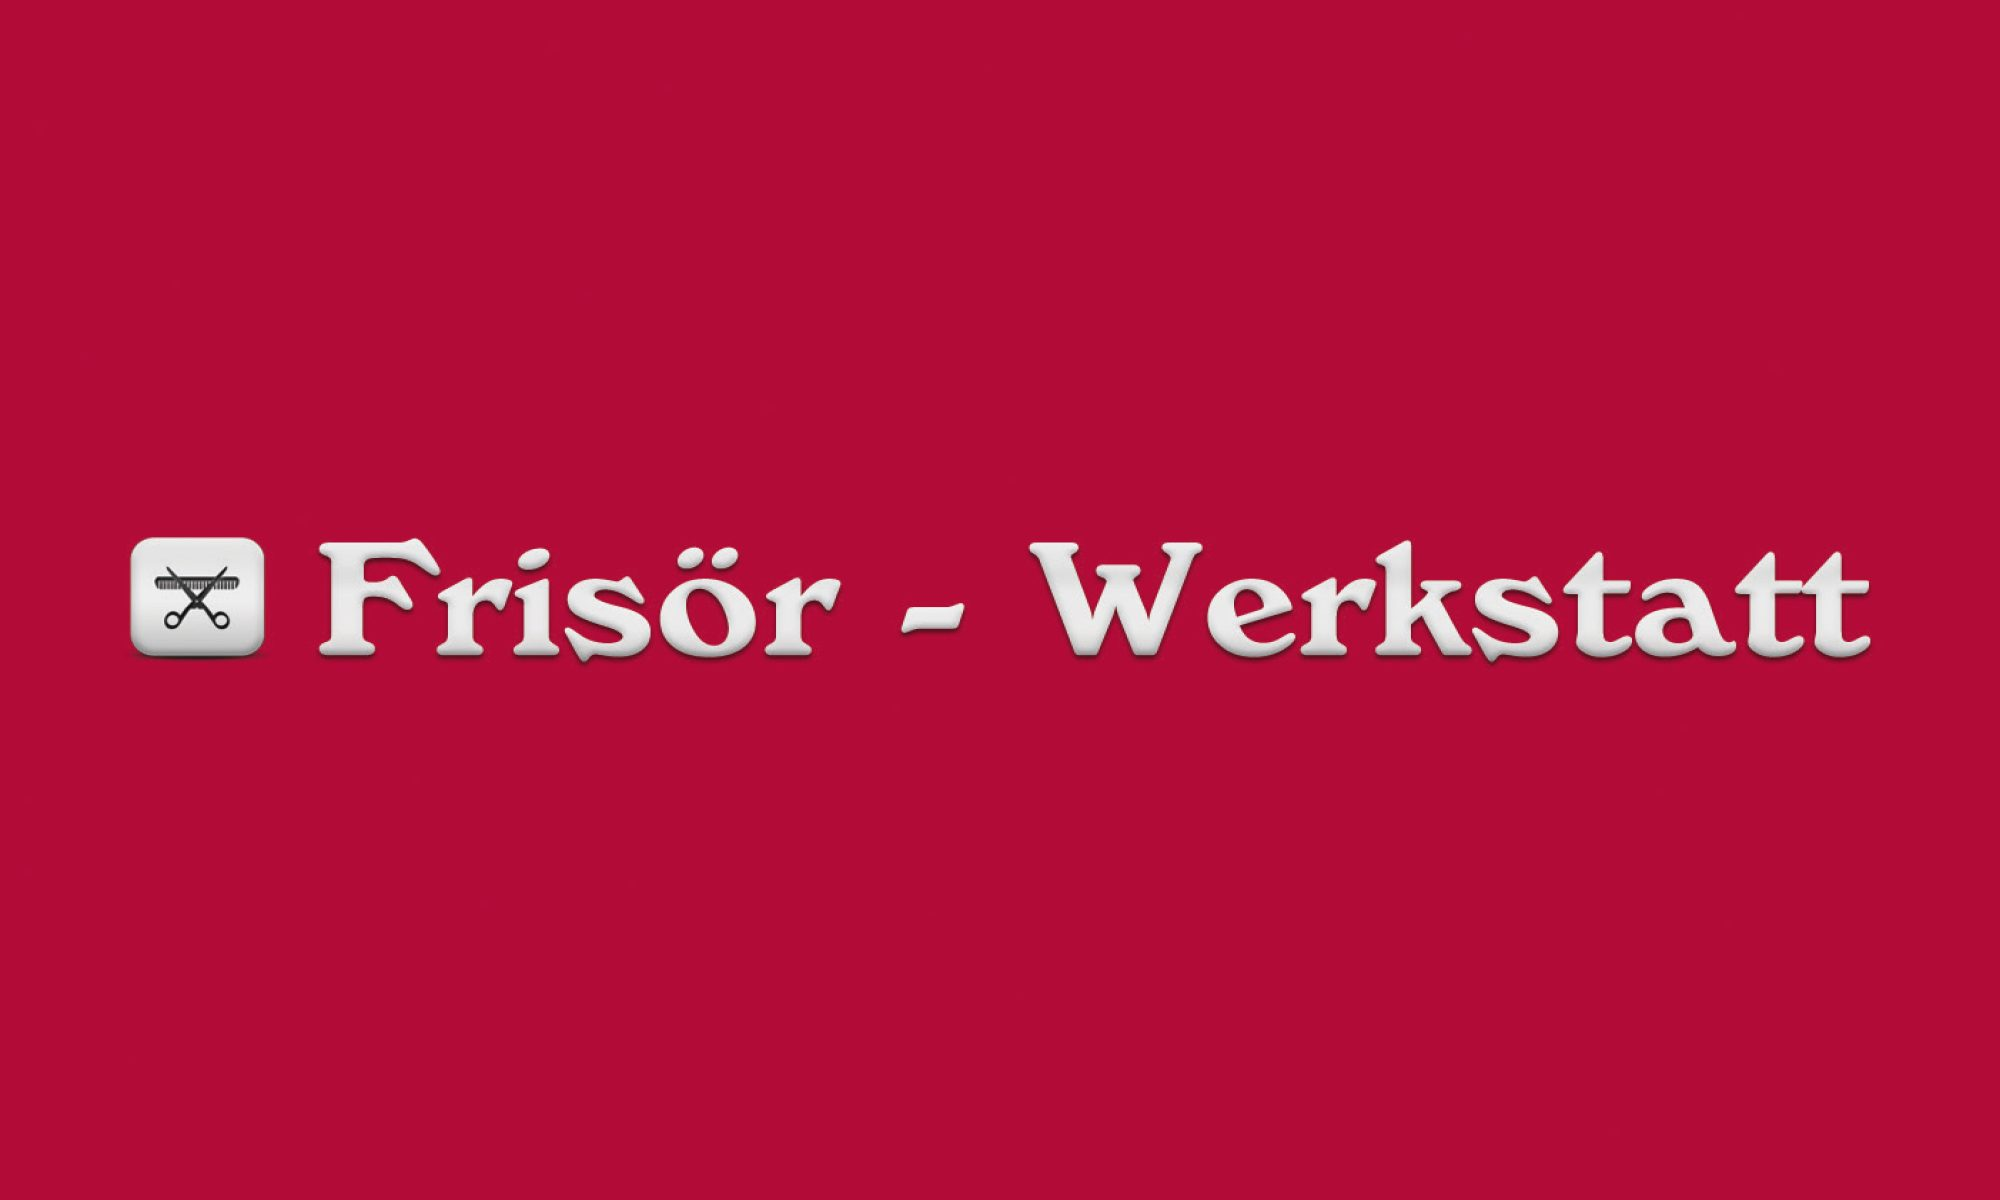 Frisör-Werkstatt